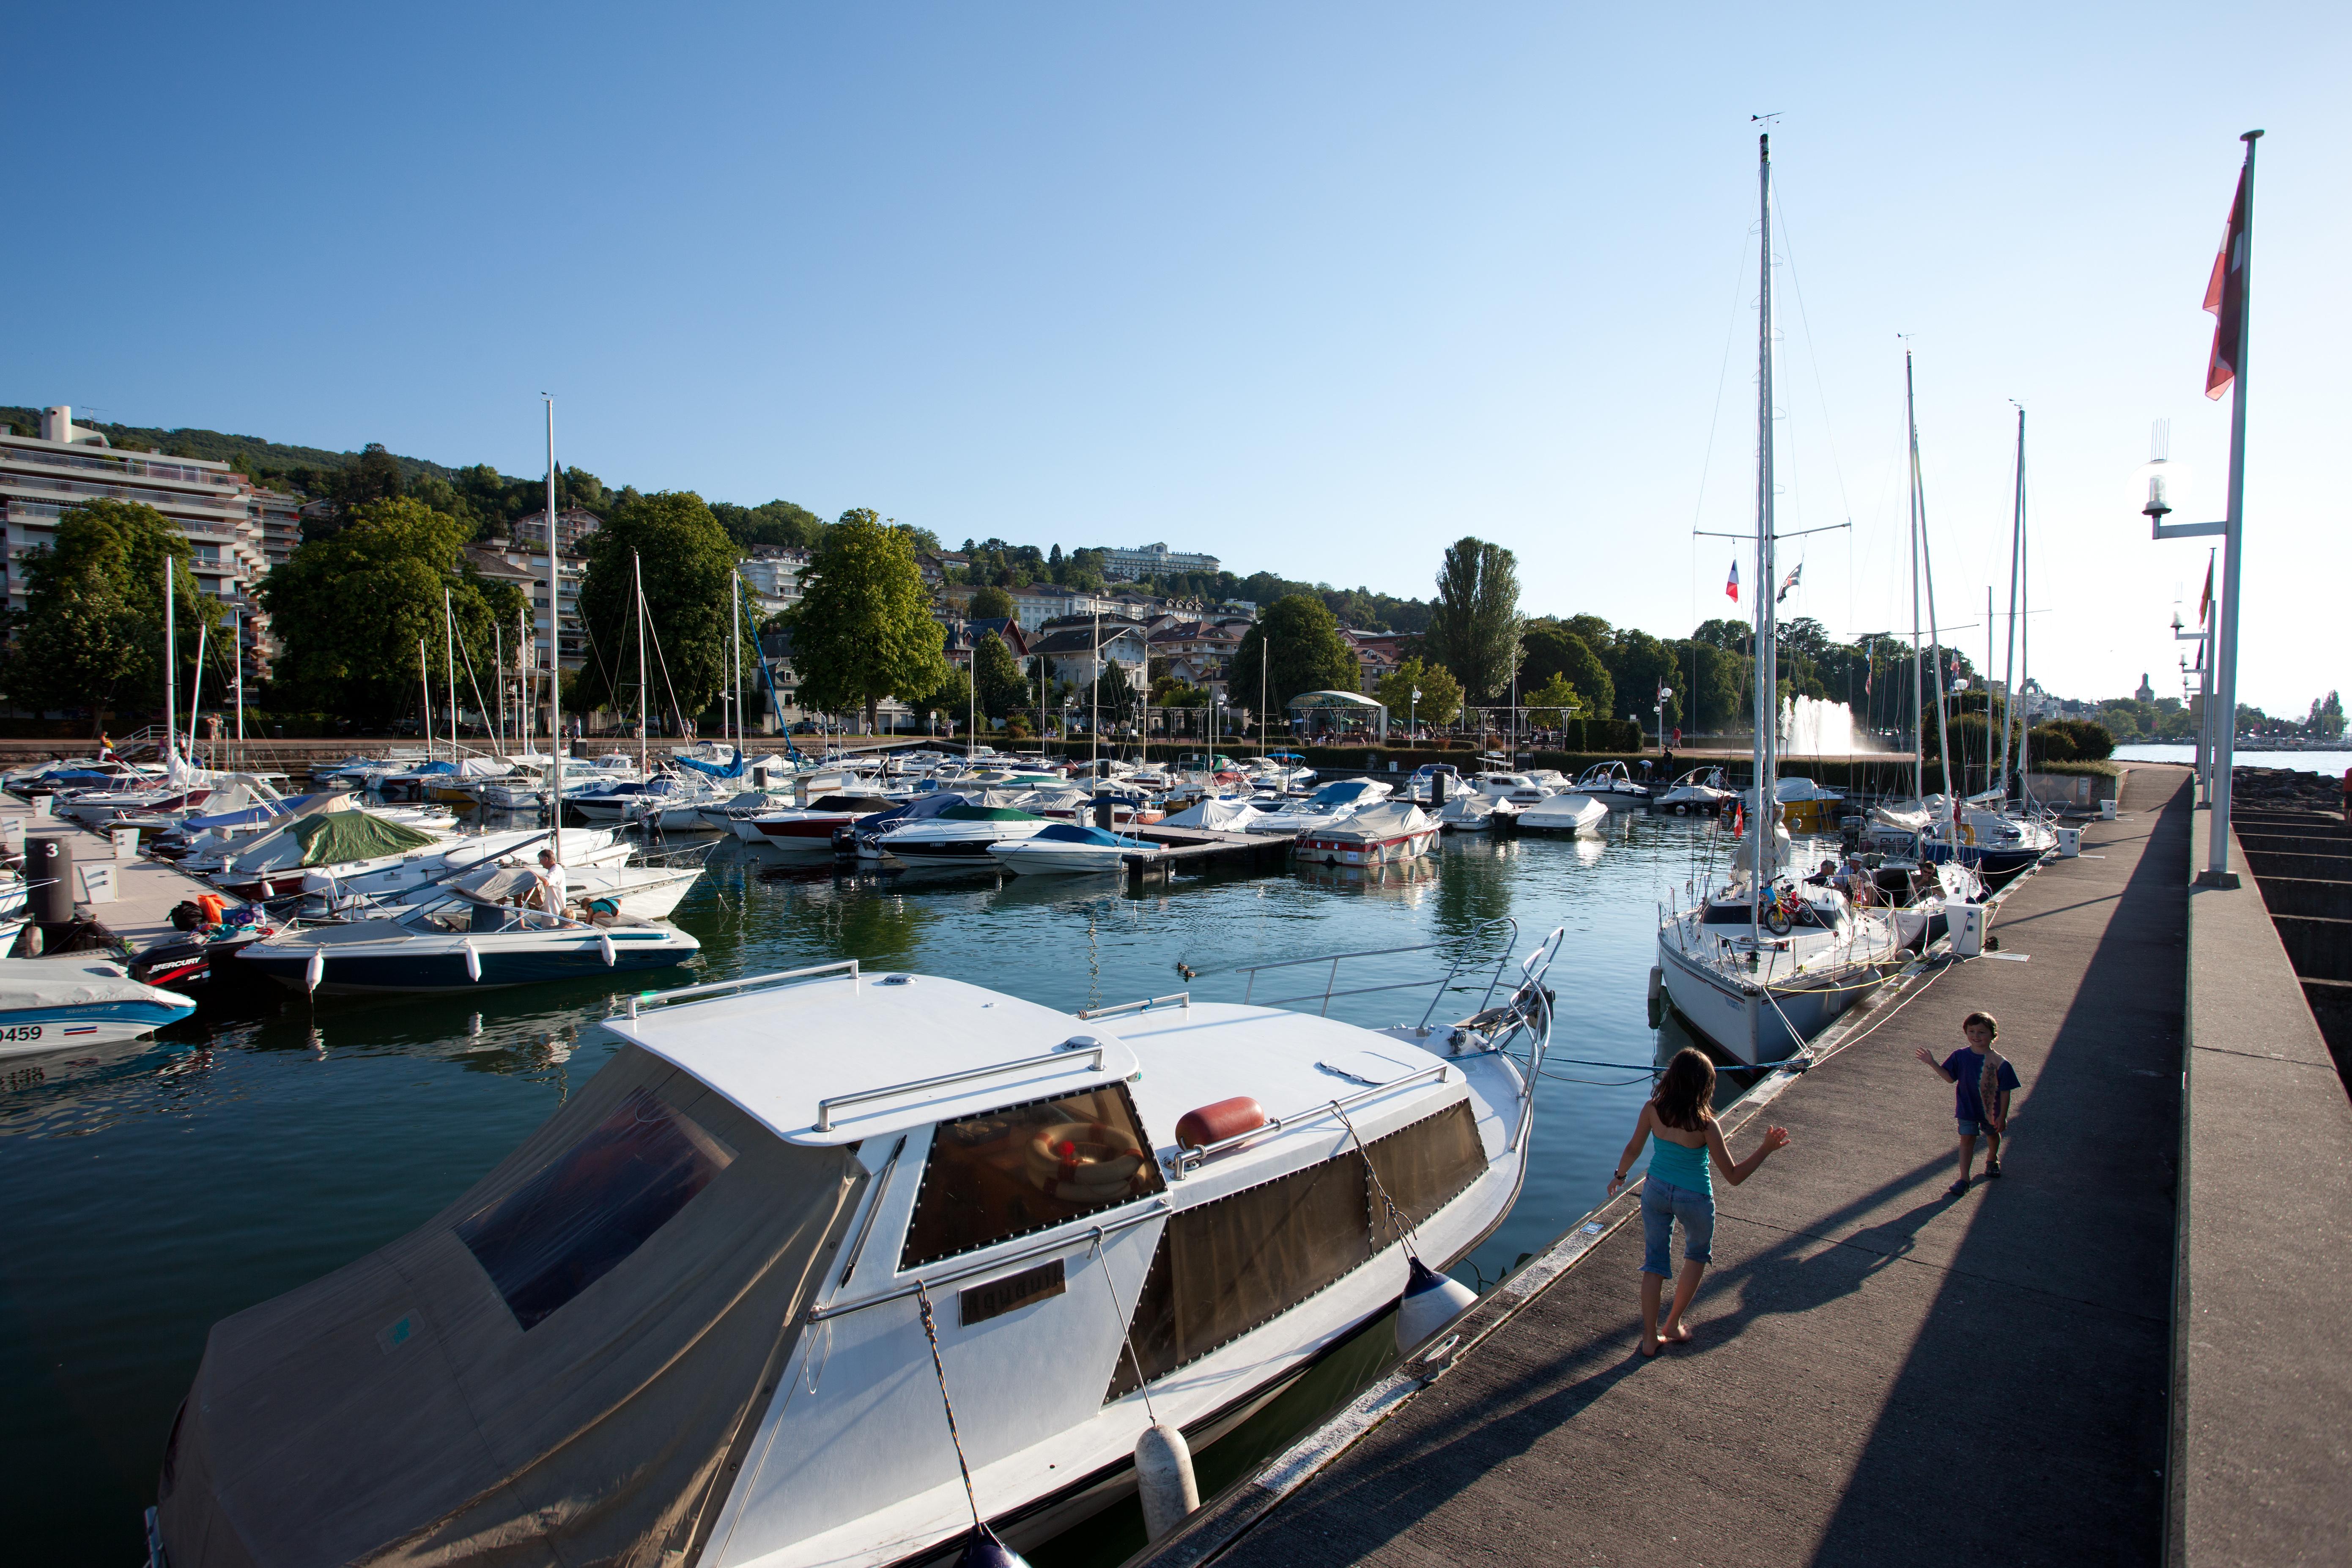 Port de plaisance - Bassin ouest près de l'esplanade